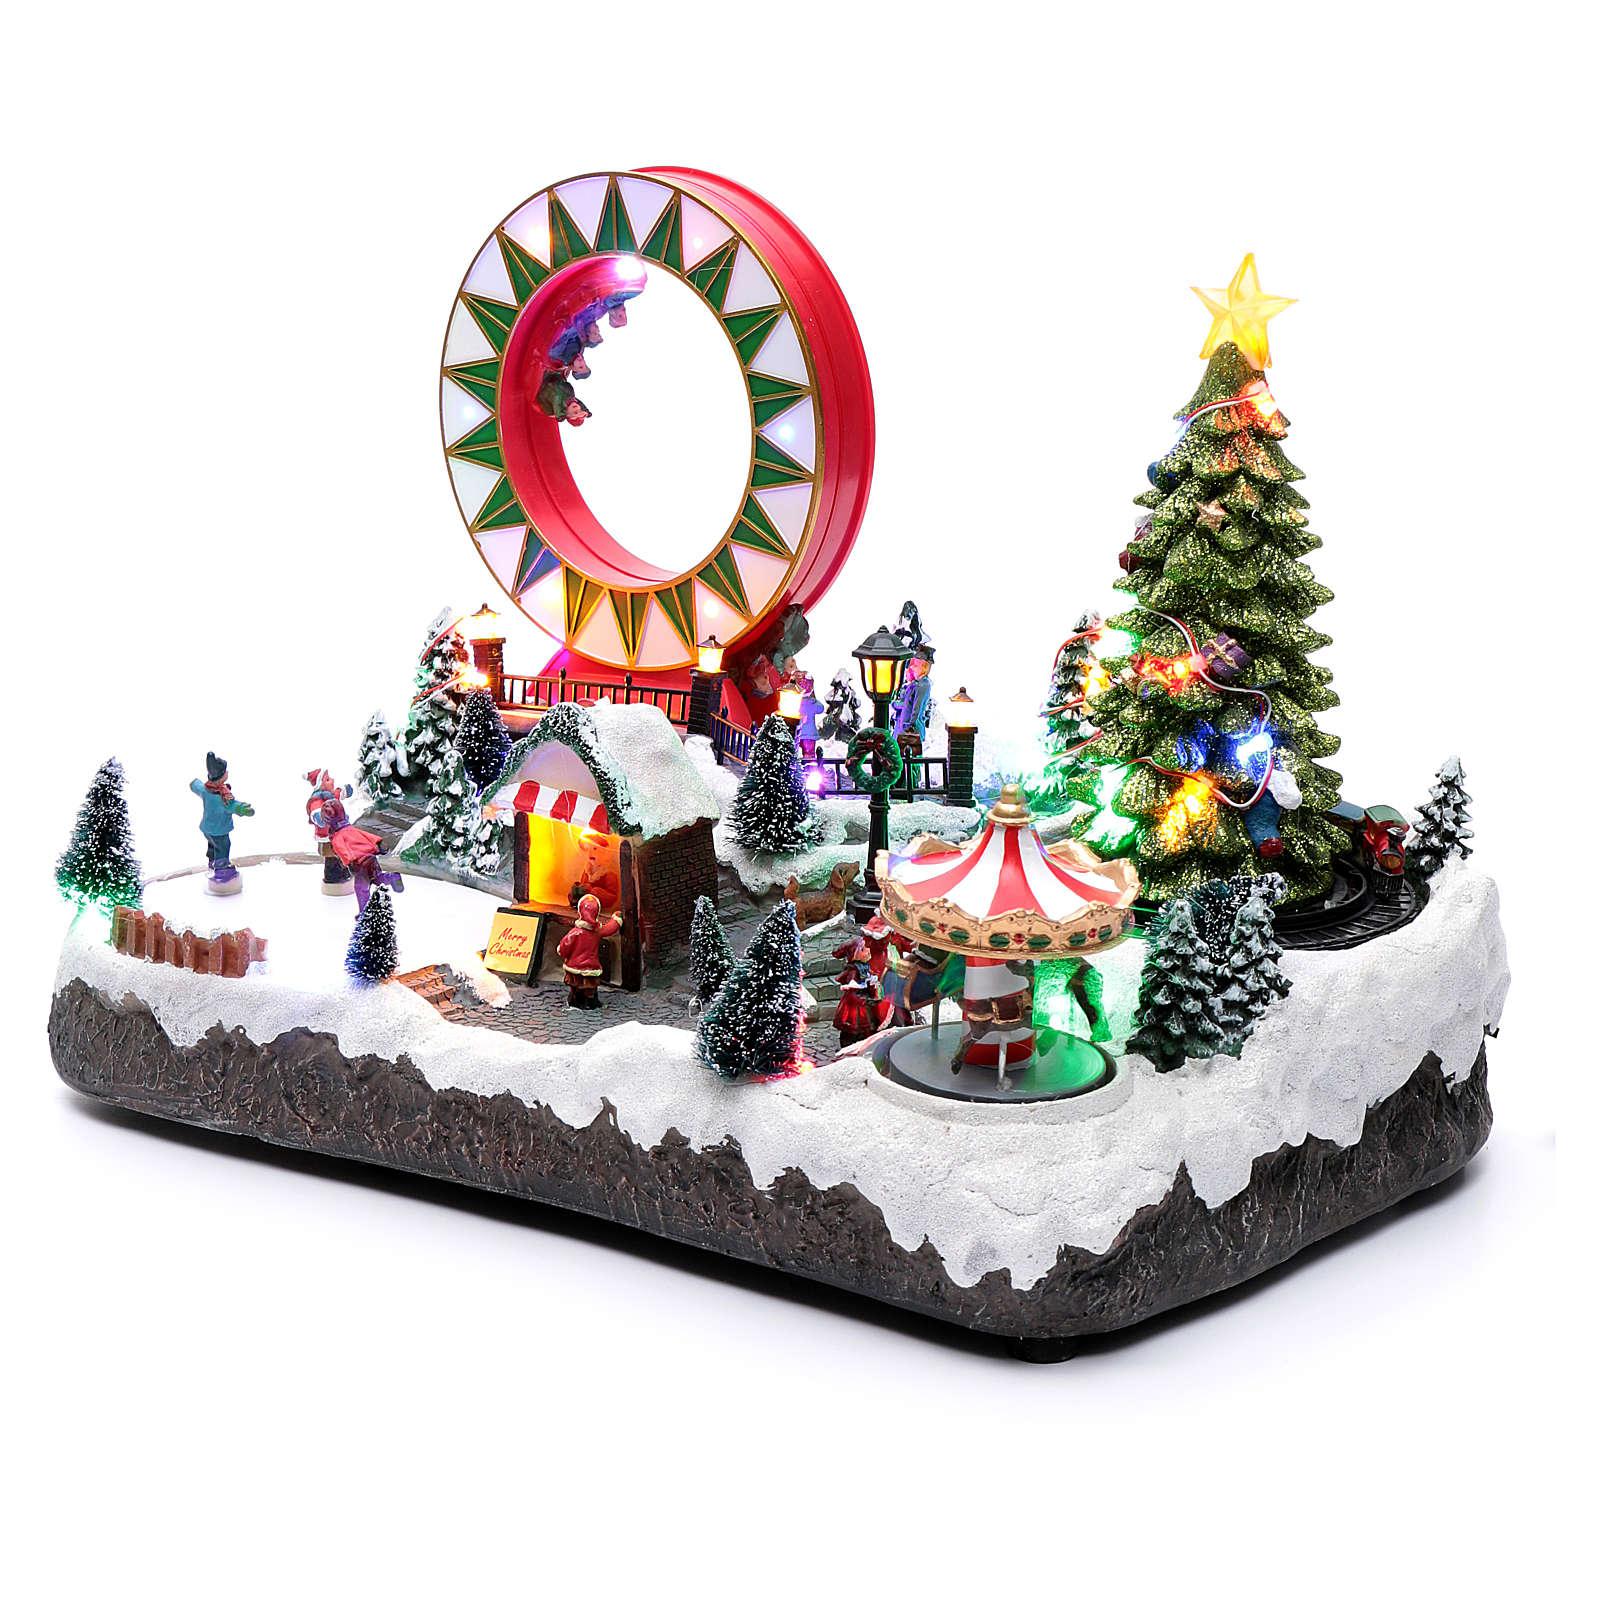 Villaggio natalizio luminoso musicale movim pattinatori giostre albero natale 29X48X26 cm 3